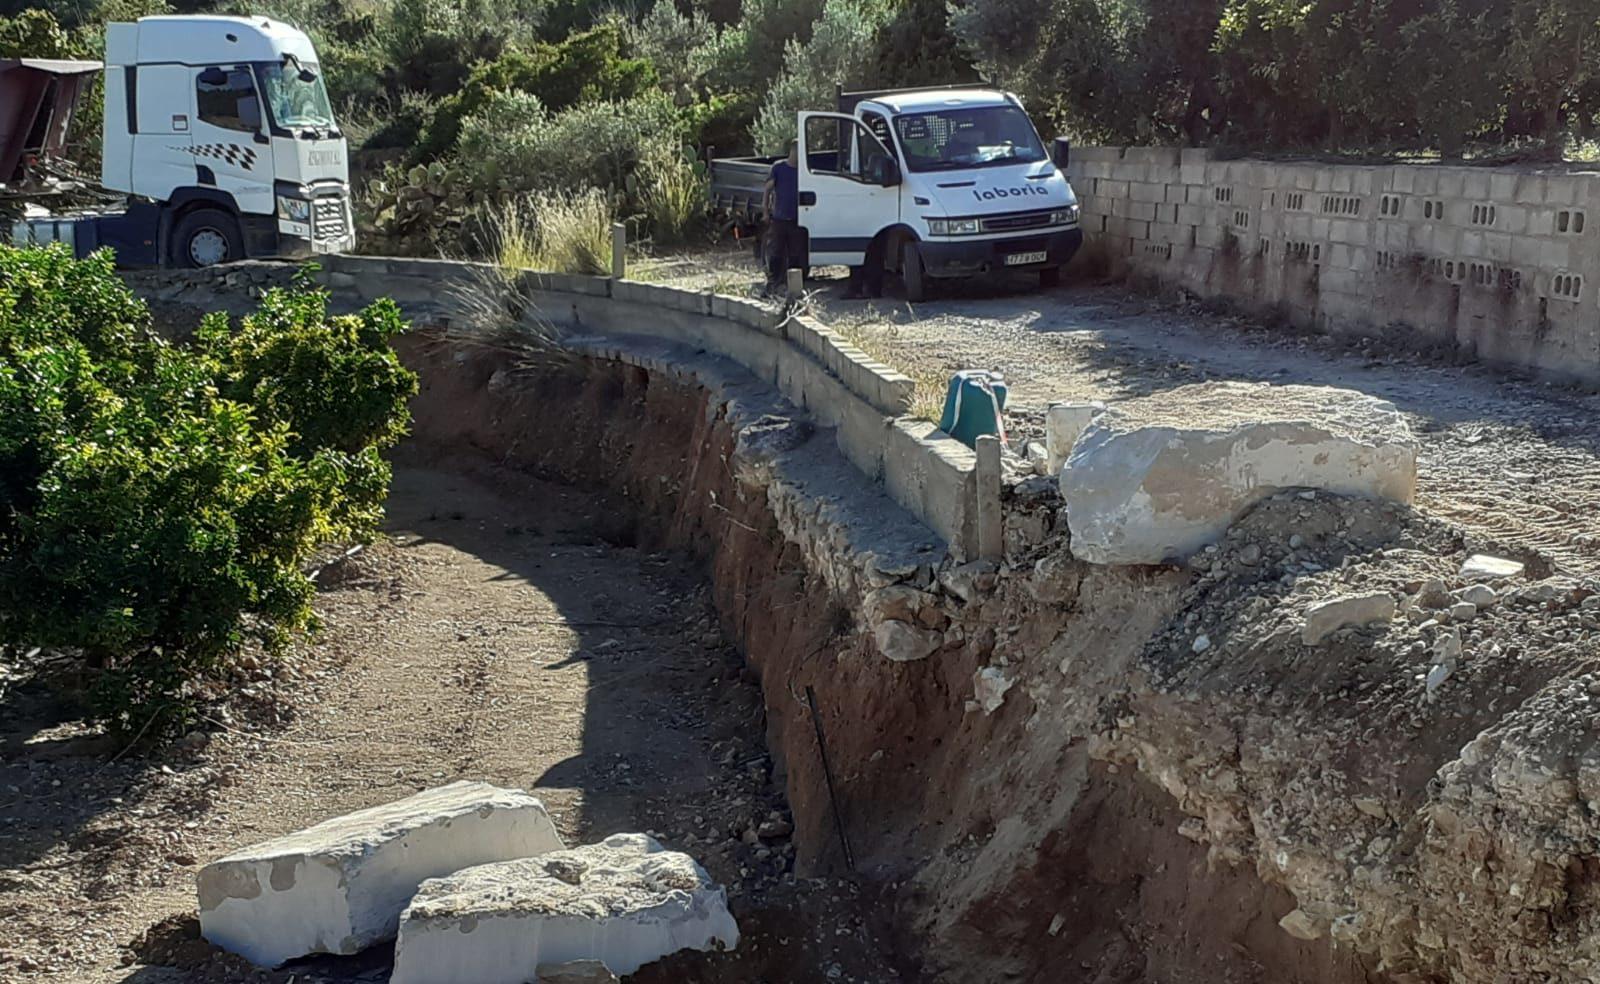 L'Ajuntament d'Alcanar ha adequat els camins per a l'inici de la collita de cítrics amb el suport de la Generalitat